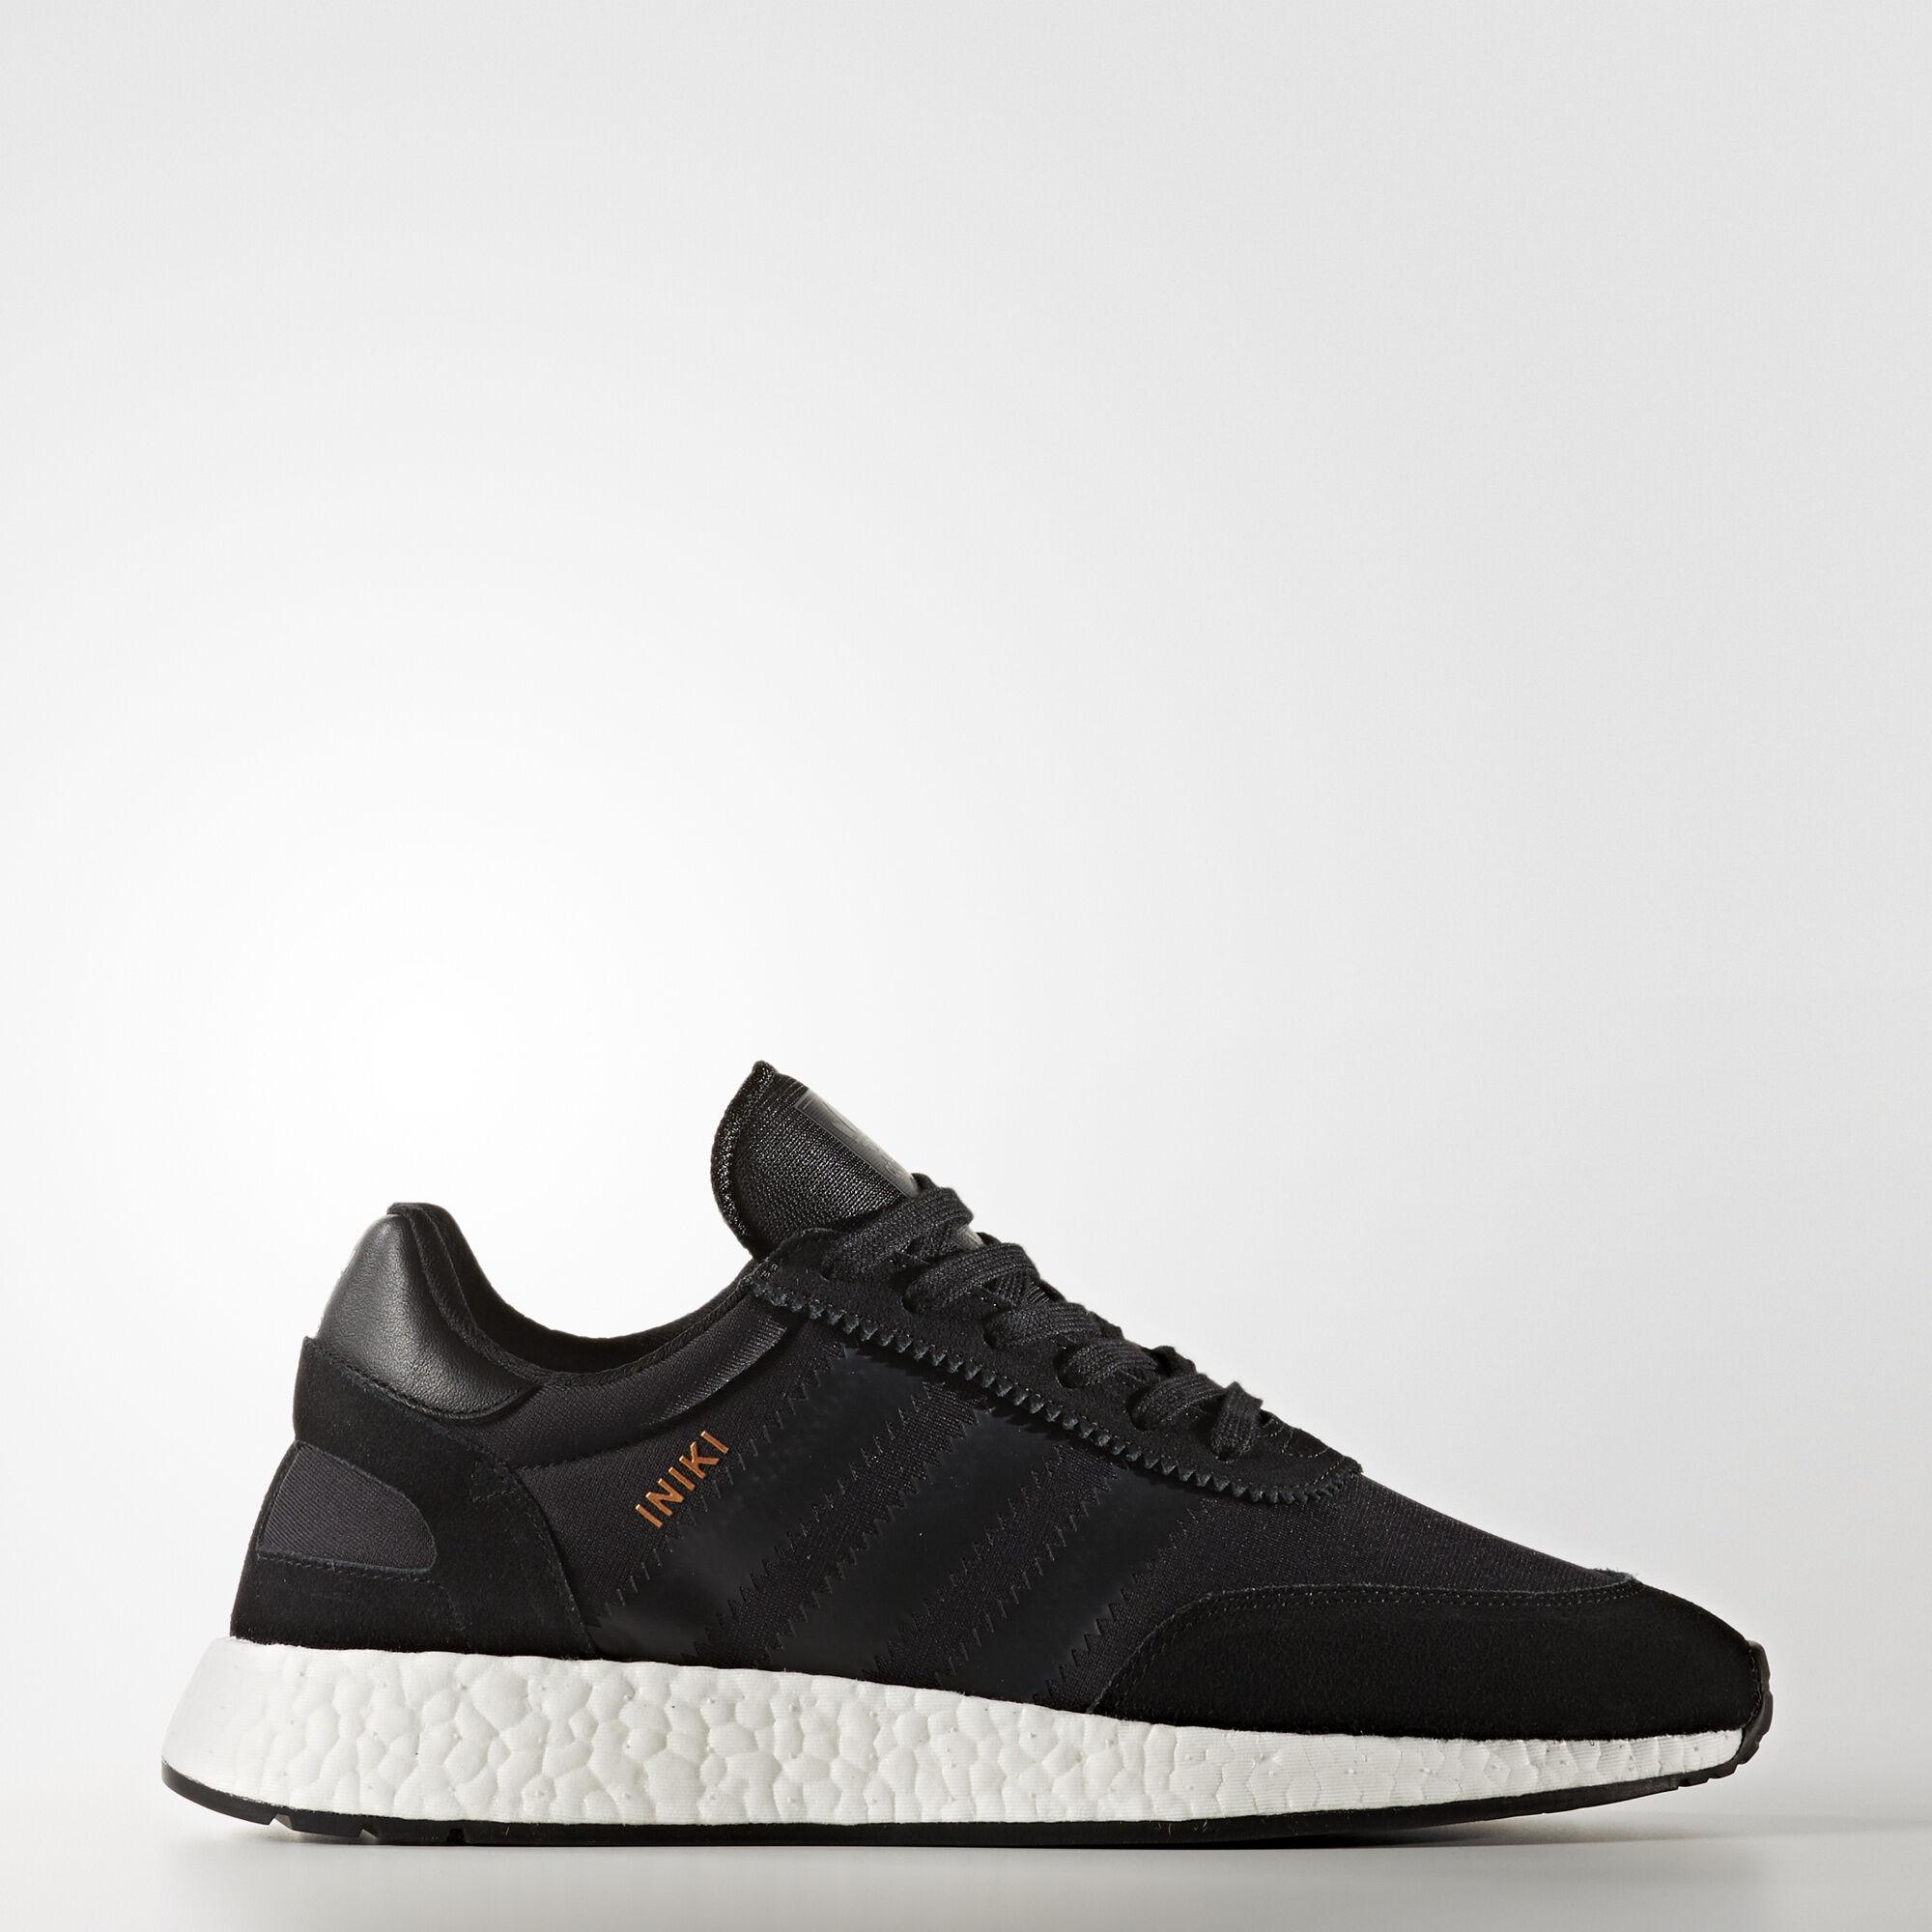 adidas Iniki Runner Shoes Core BlackFootwear White BB2100